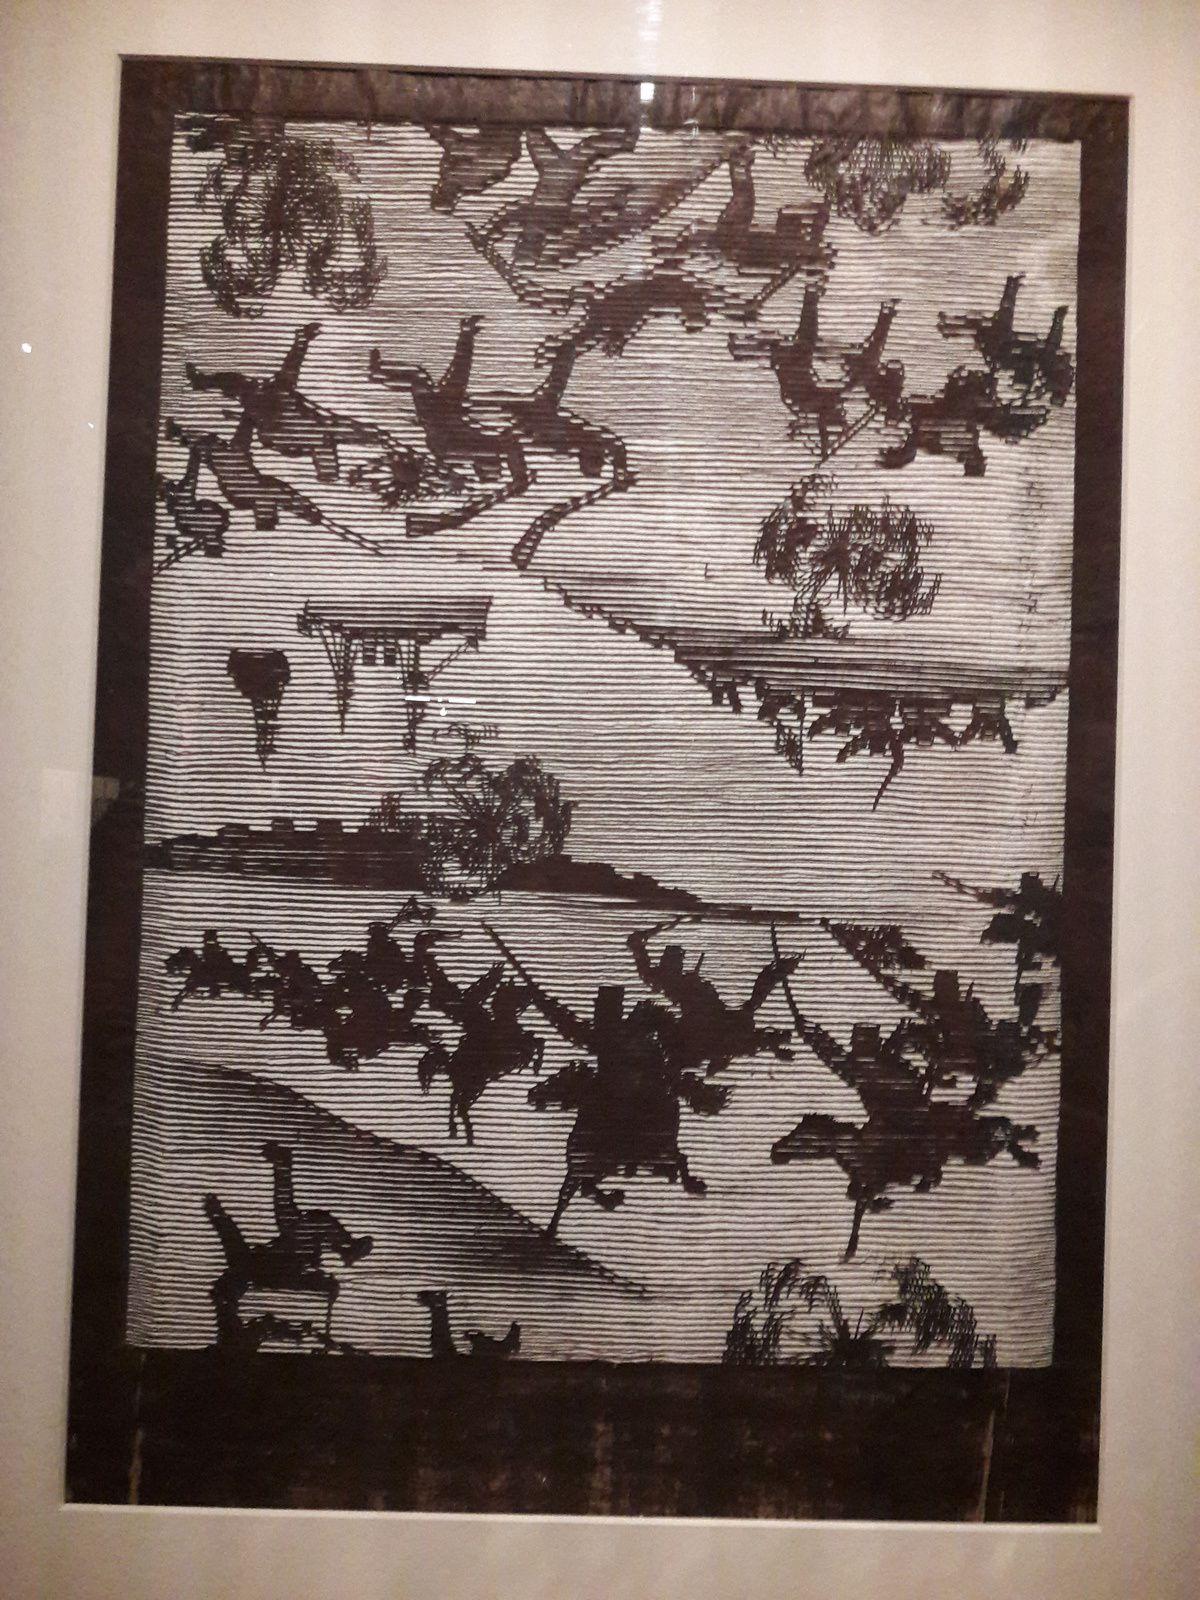 Exposition Meiji un art foisonnant à découvrir au musée Guimet jusqu'au 14 janvier